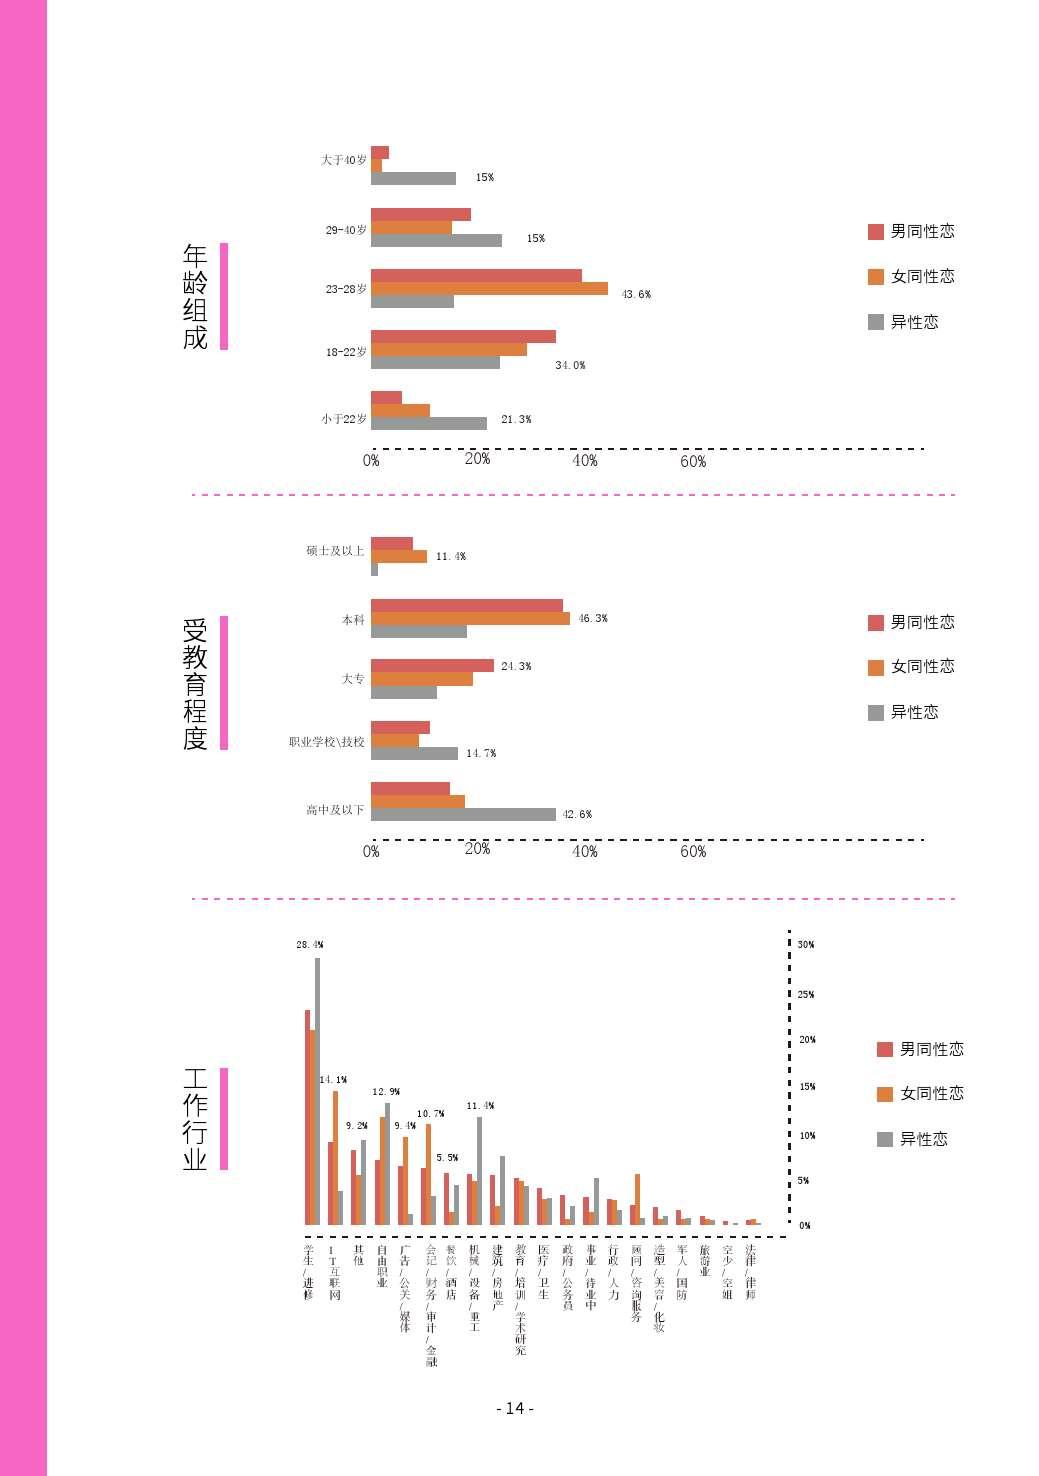 第二届中国LGBT群体消费调查报告_000014